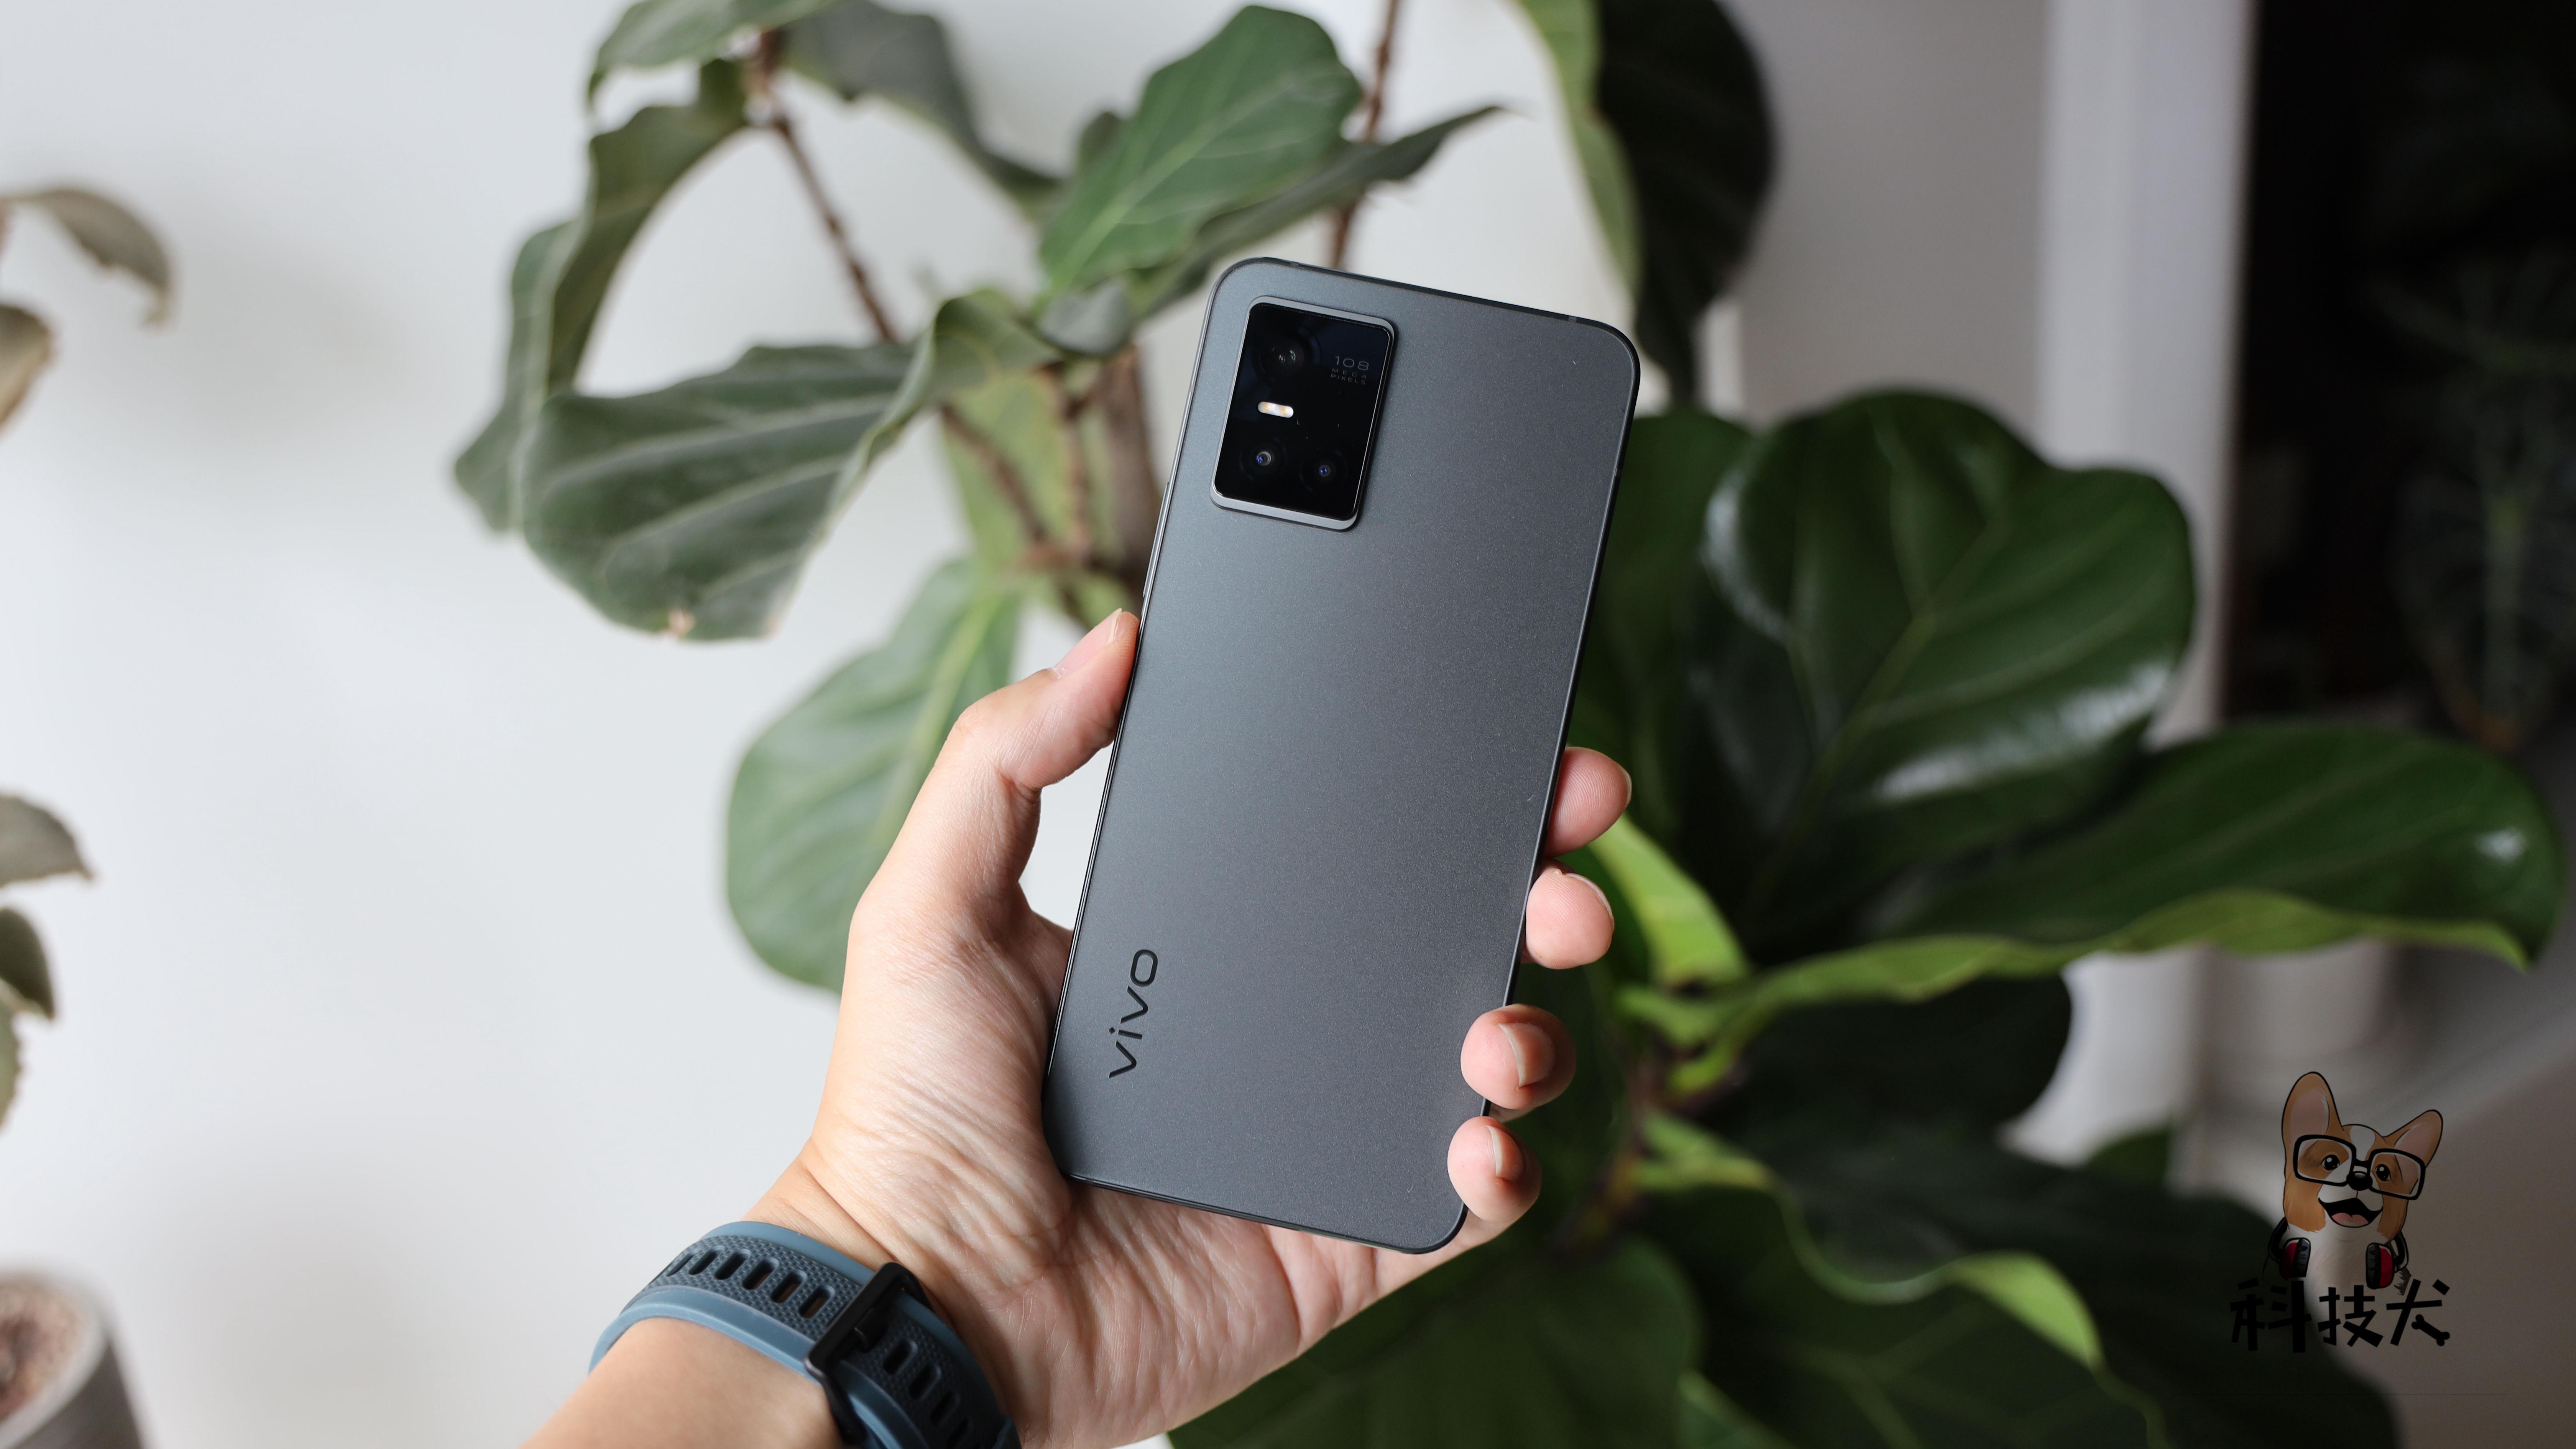 vivo S10 Pro(萤石黑)配色开箱:7.29mm再次刷新轻薄极限